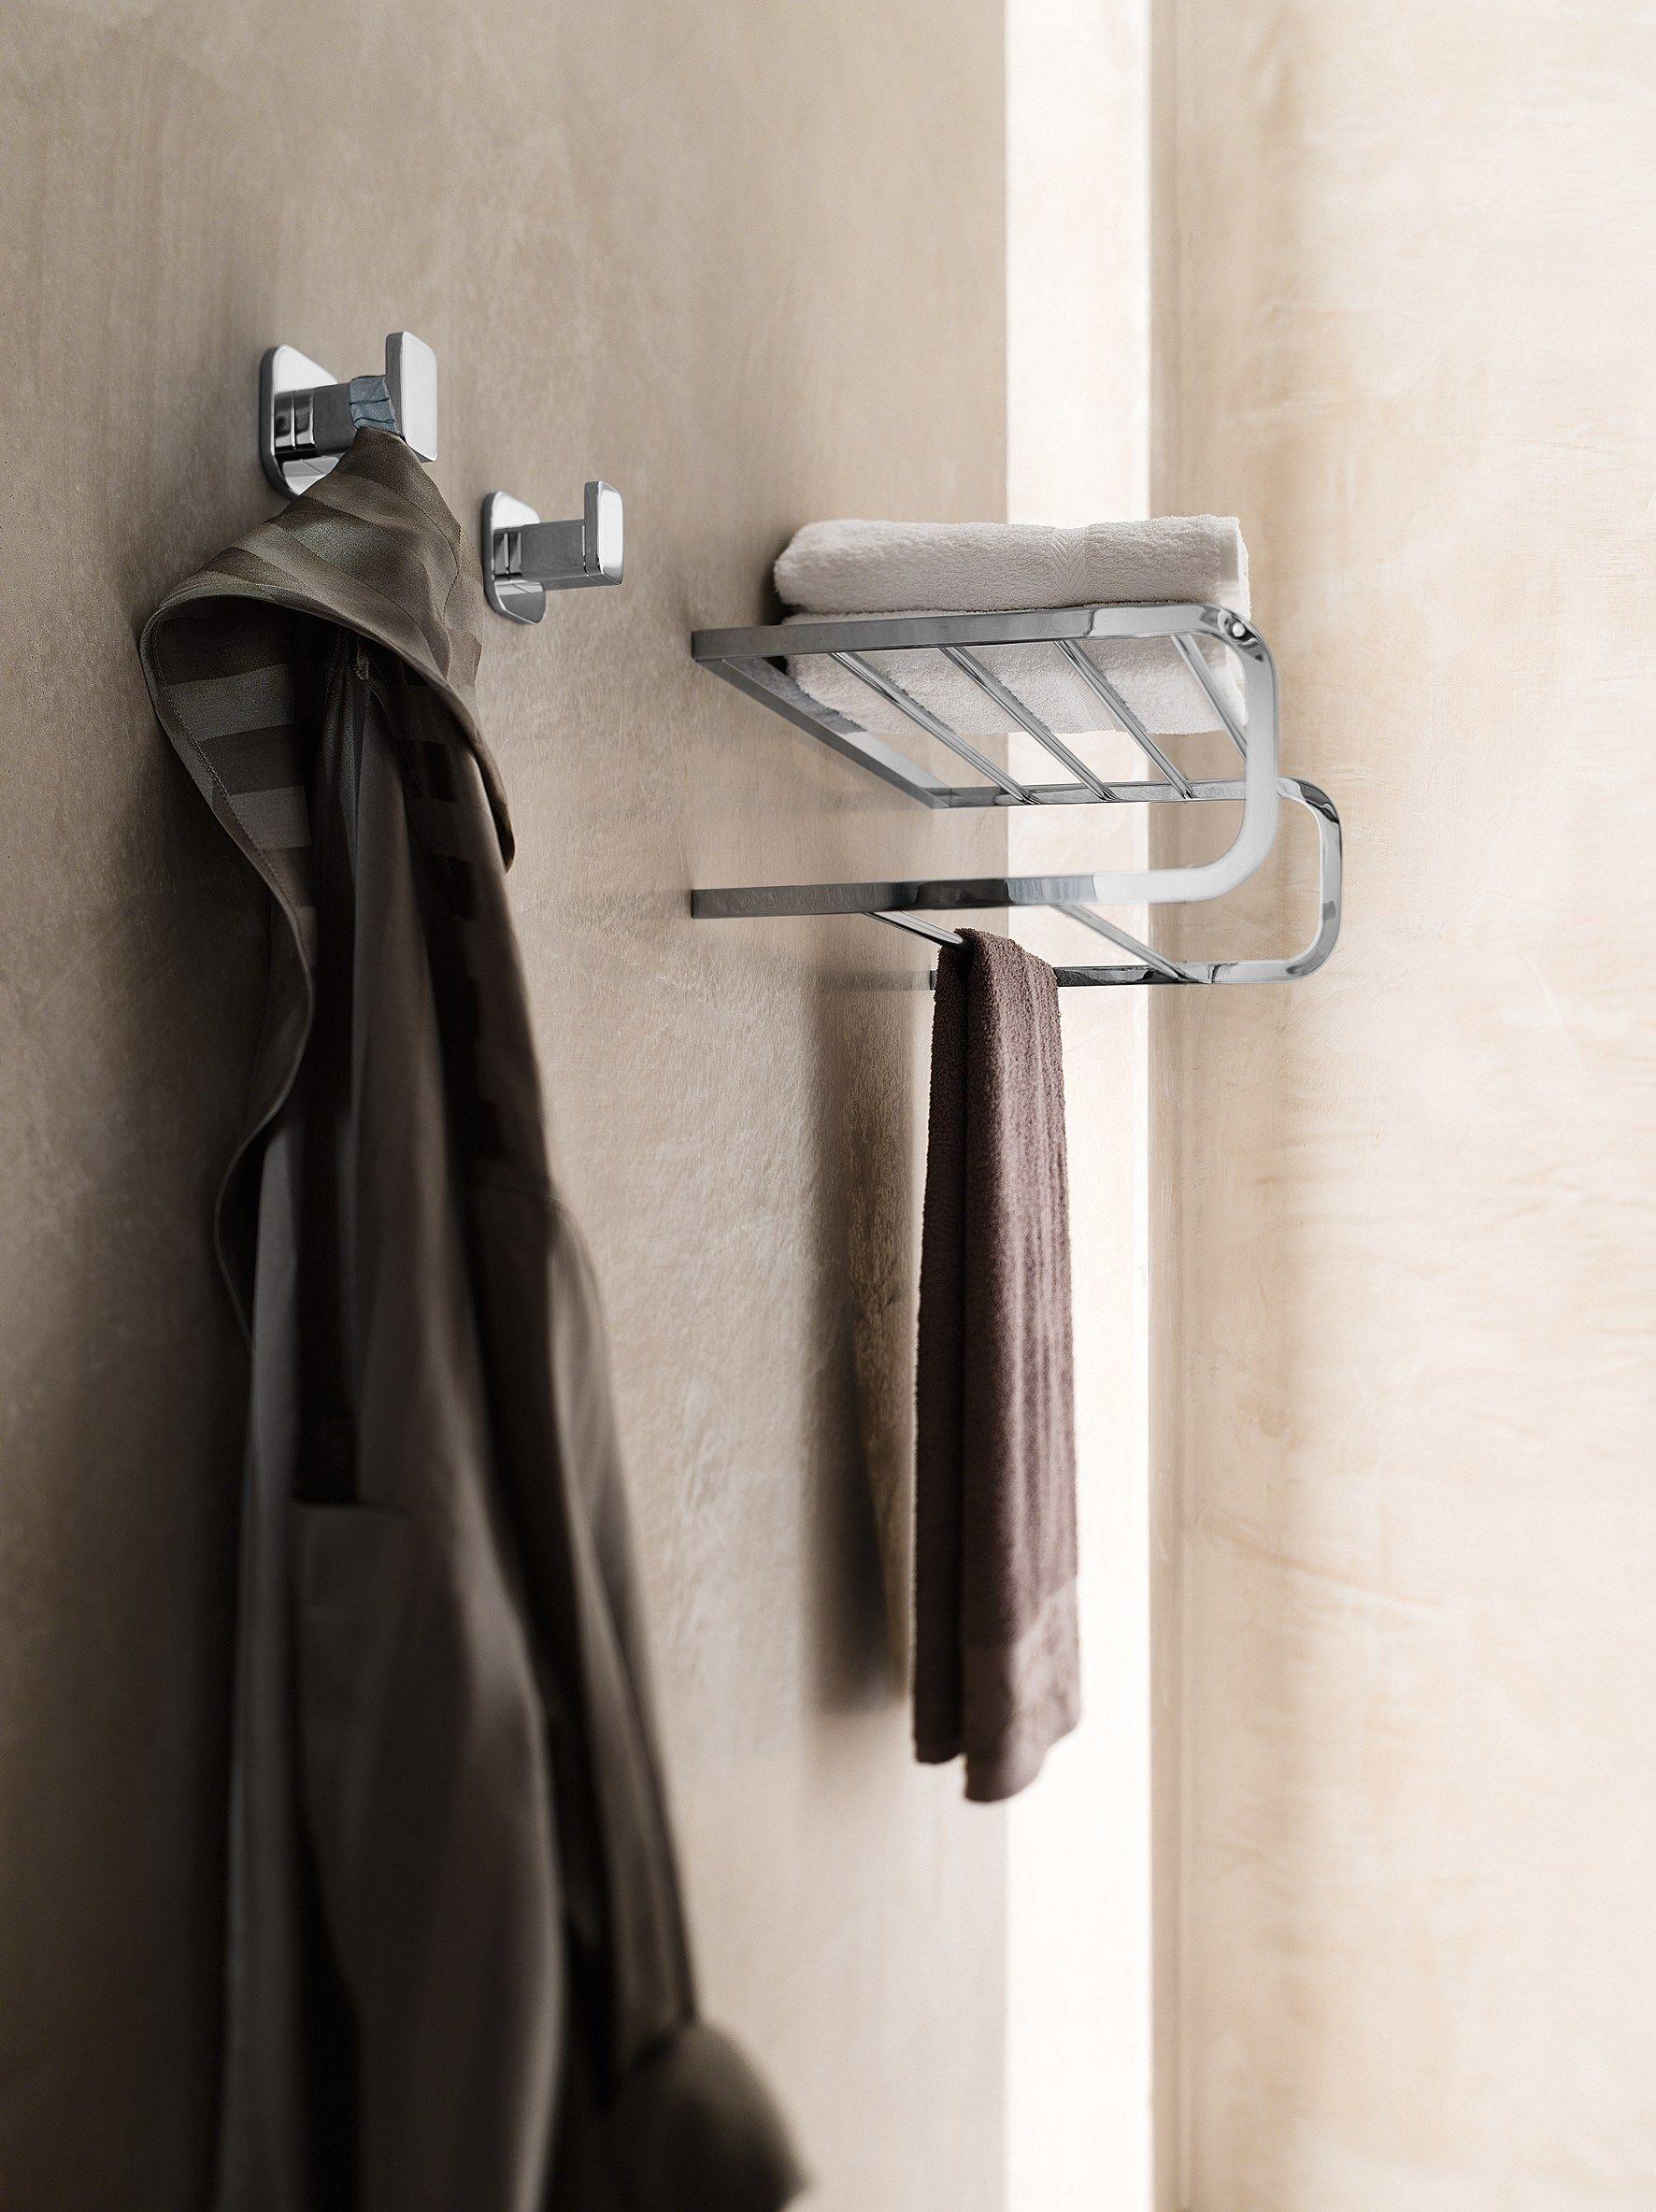 Porta accappatoio porta asciugamani collezione plus by - Porta accappatoio da doccia ...